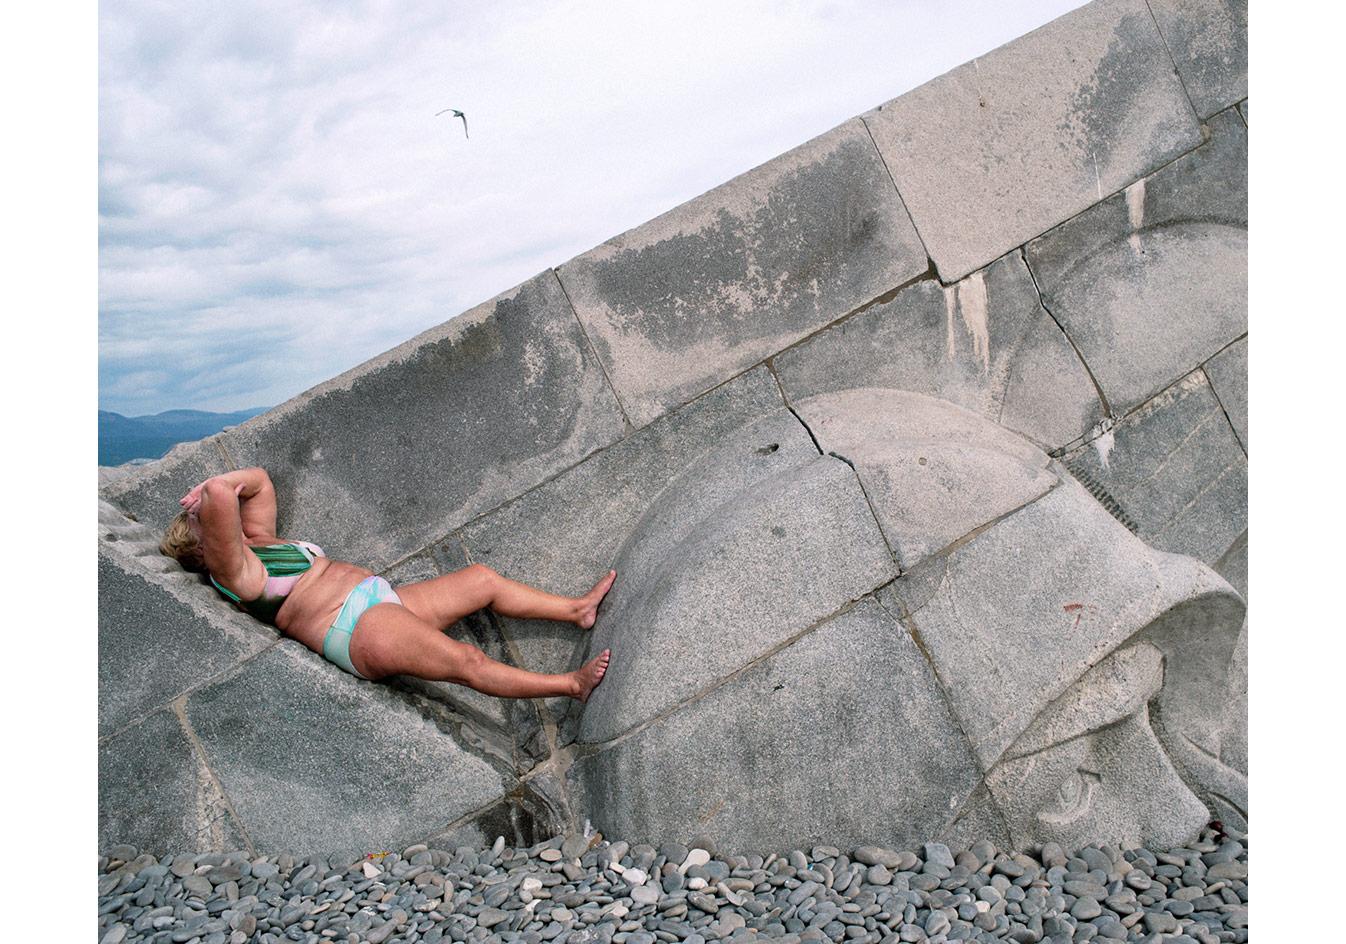 Novorossisk'teki devasa anıtın üzerinde güneşlenen bir kadın, Rusya © Mathias Depardon